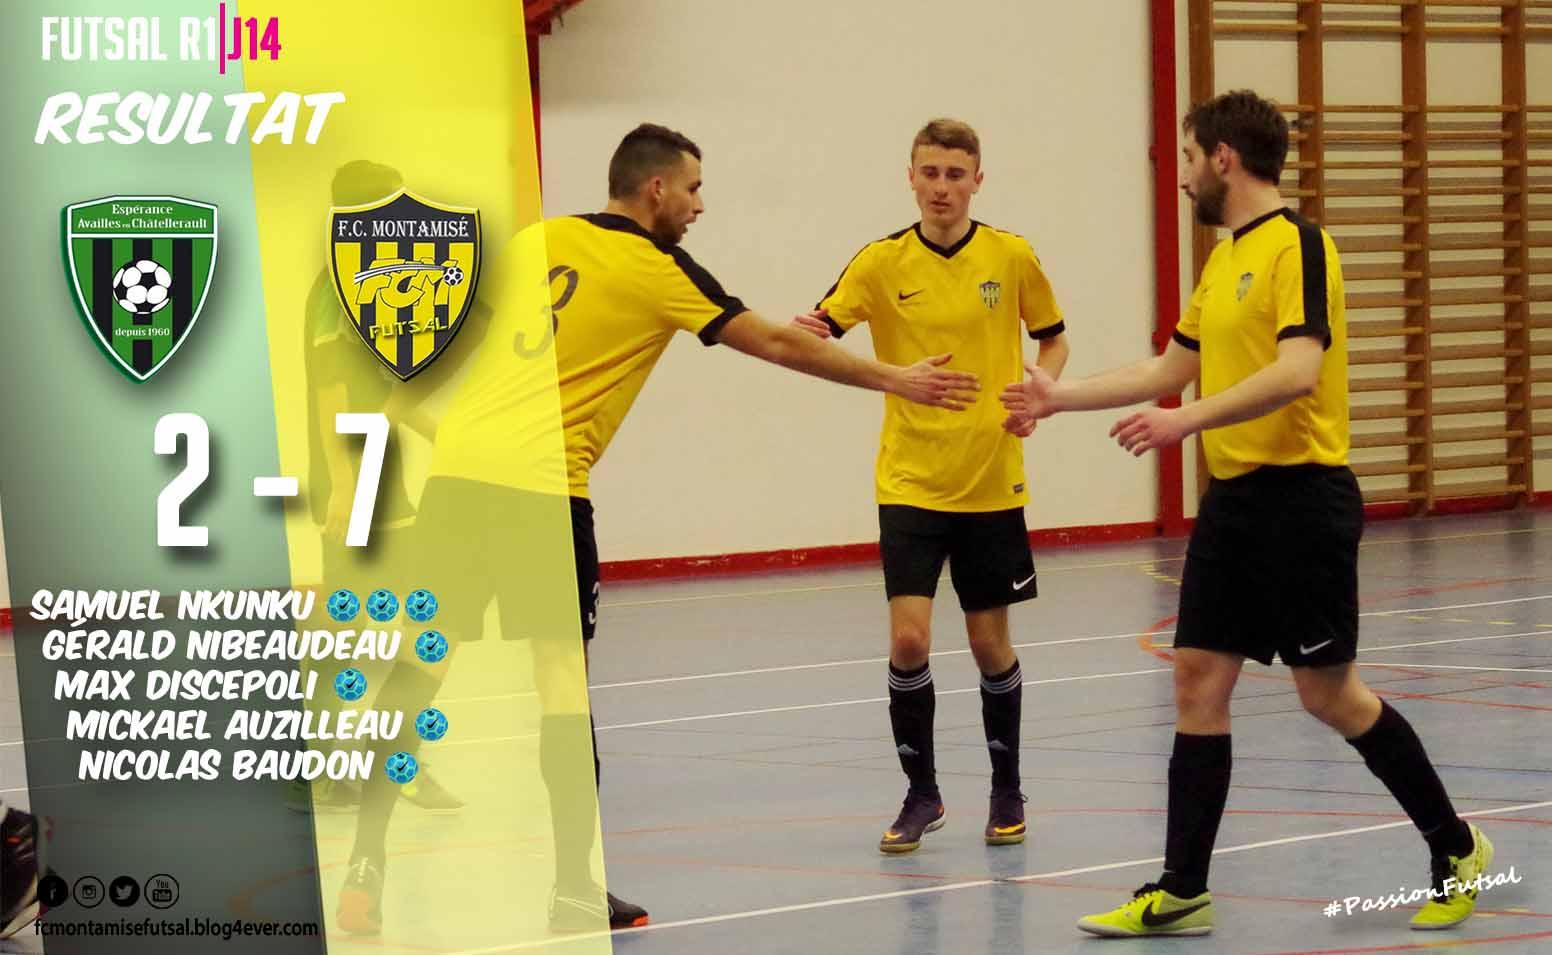 Résultat Availles - FC Montamisé Futsal J14 2.jpg